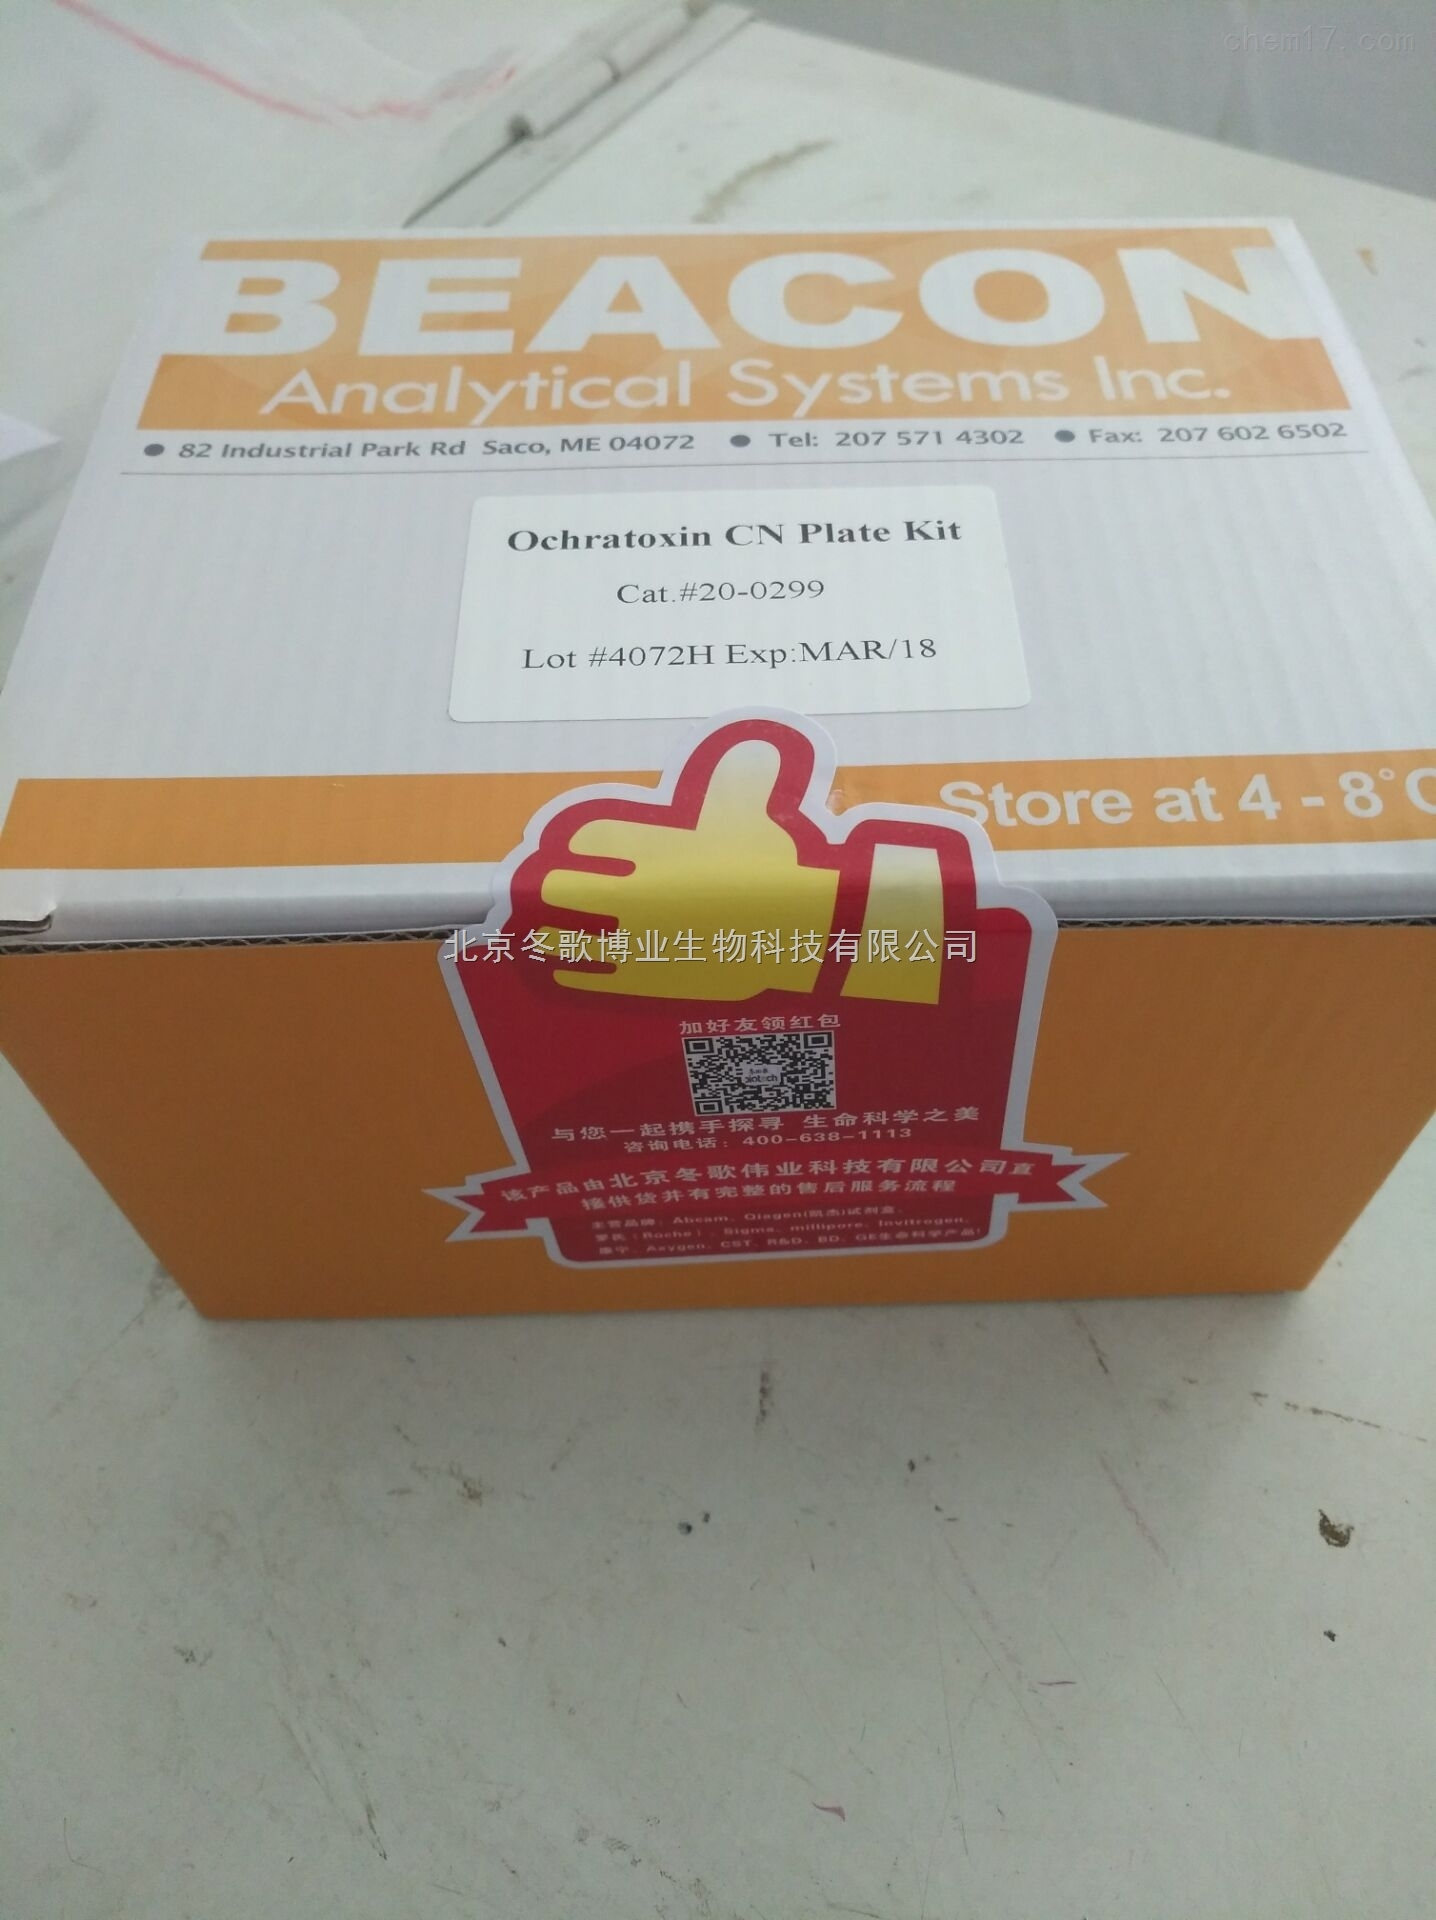 赭曲霉毒素检测试剂盒进口原装-beacon试剂盒